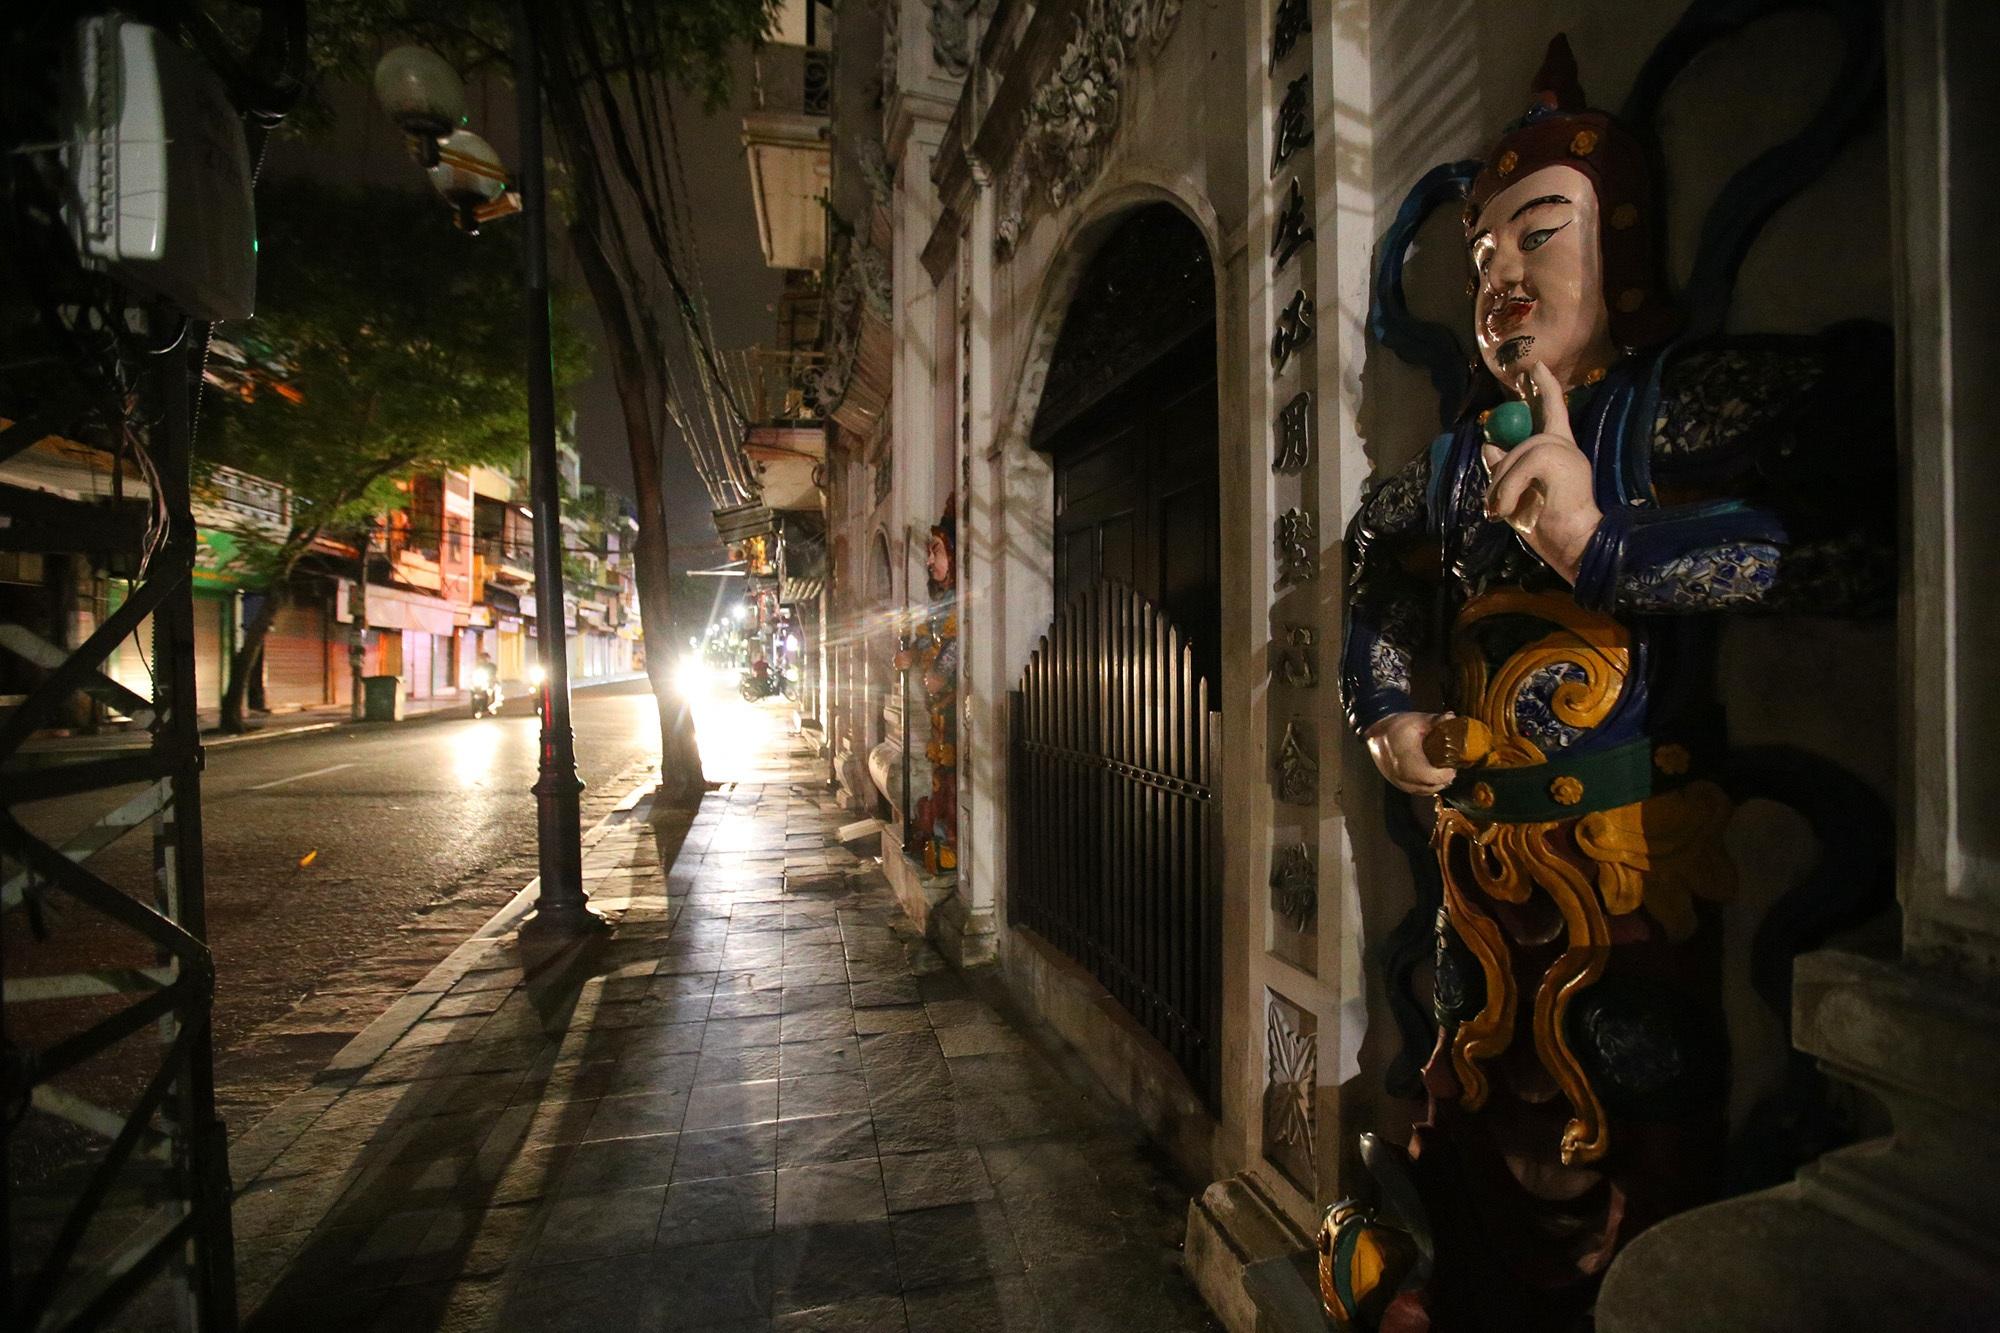 Phố vắng lãng mạn trong đêm ở Hà Nội - 3